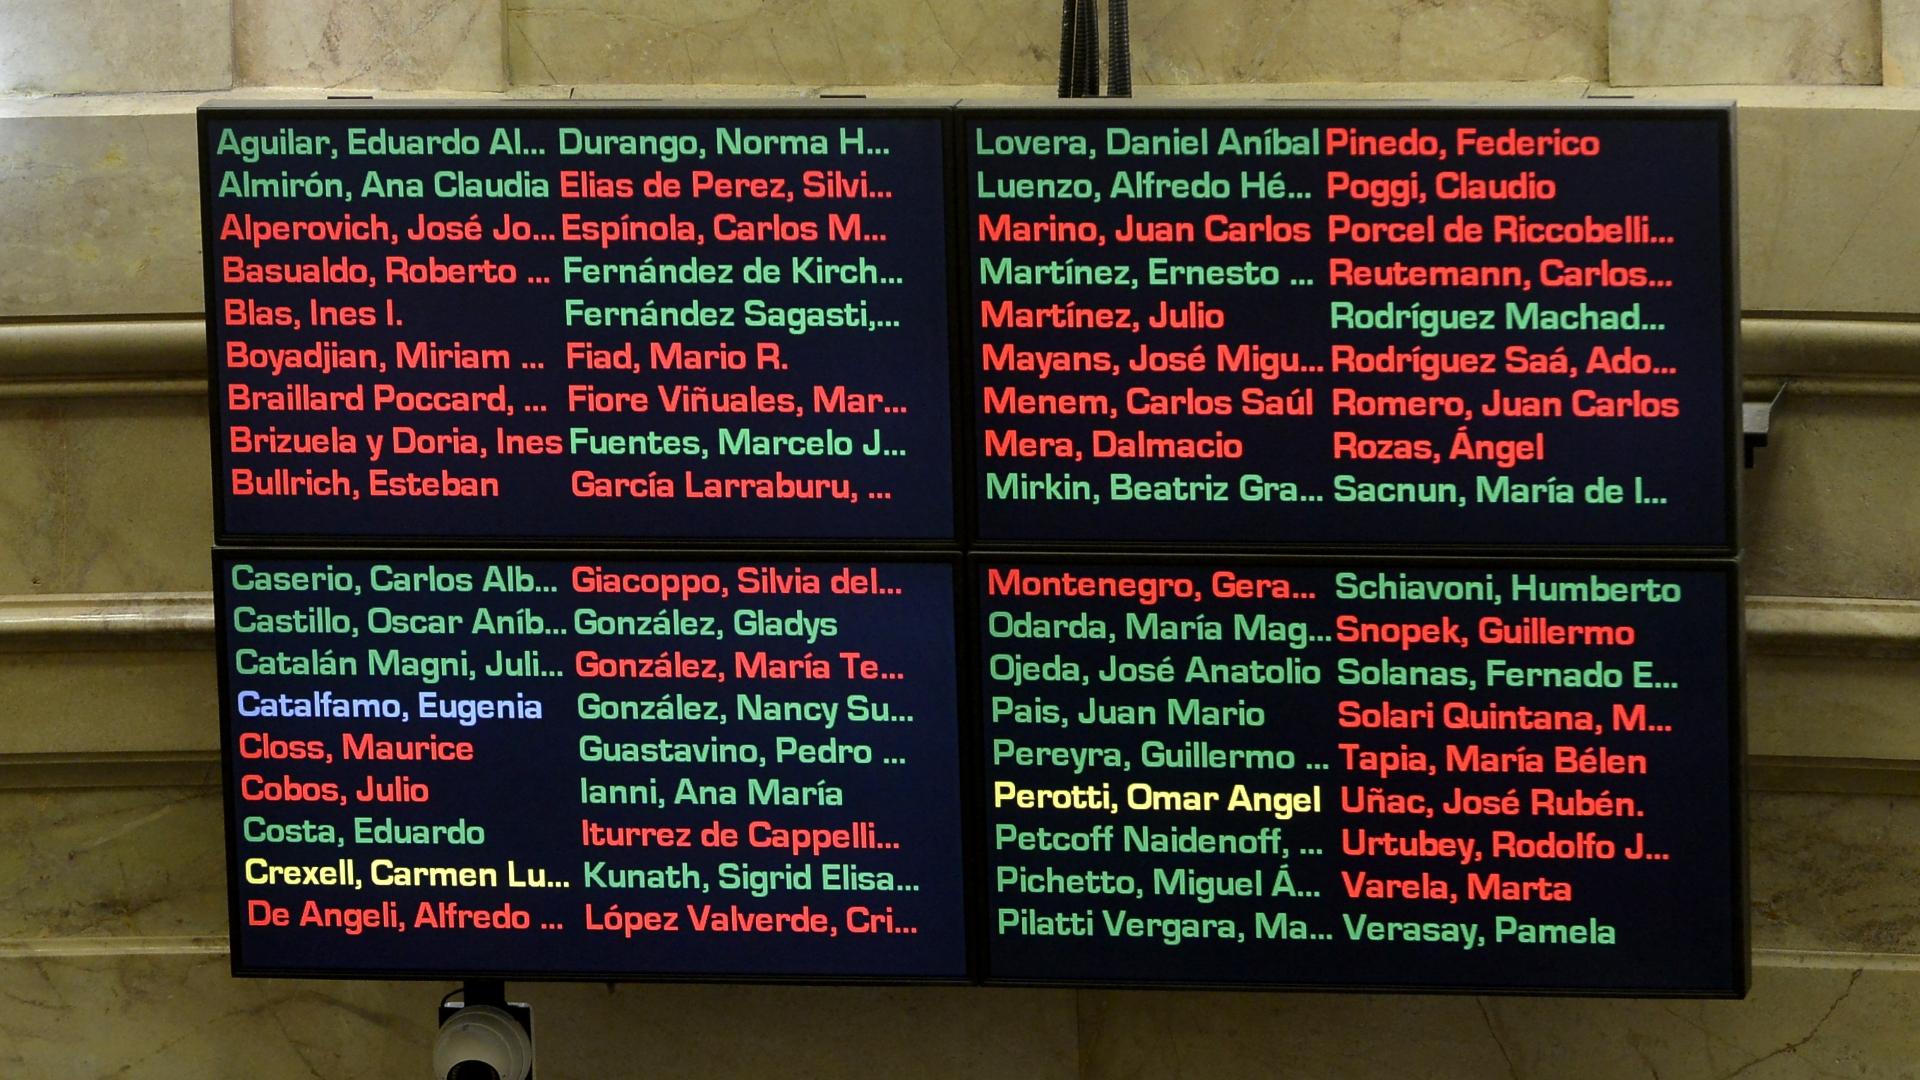 Nomina de la votación de los senadores que rechazaron la ley del aborto legal, seguro y gratuito. (Gustavo Gavotti)